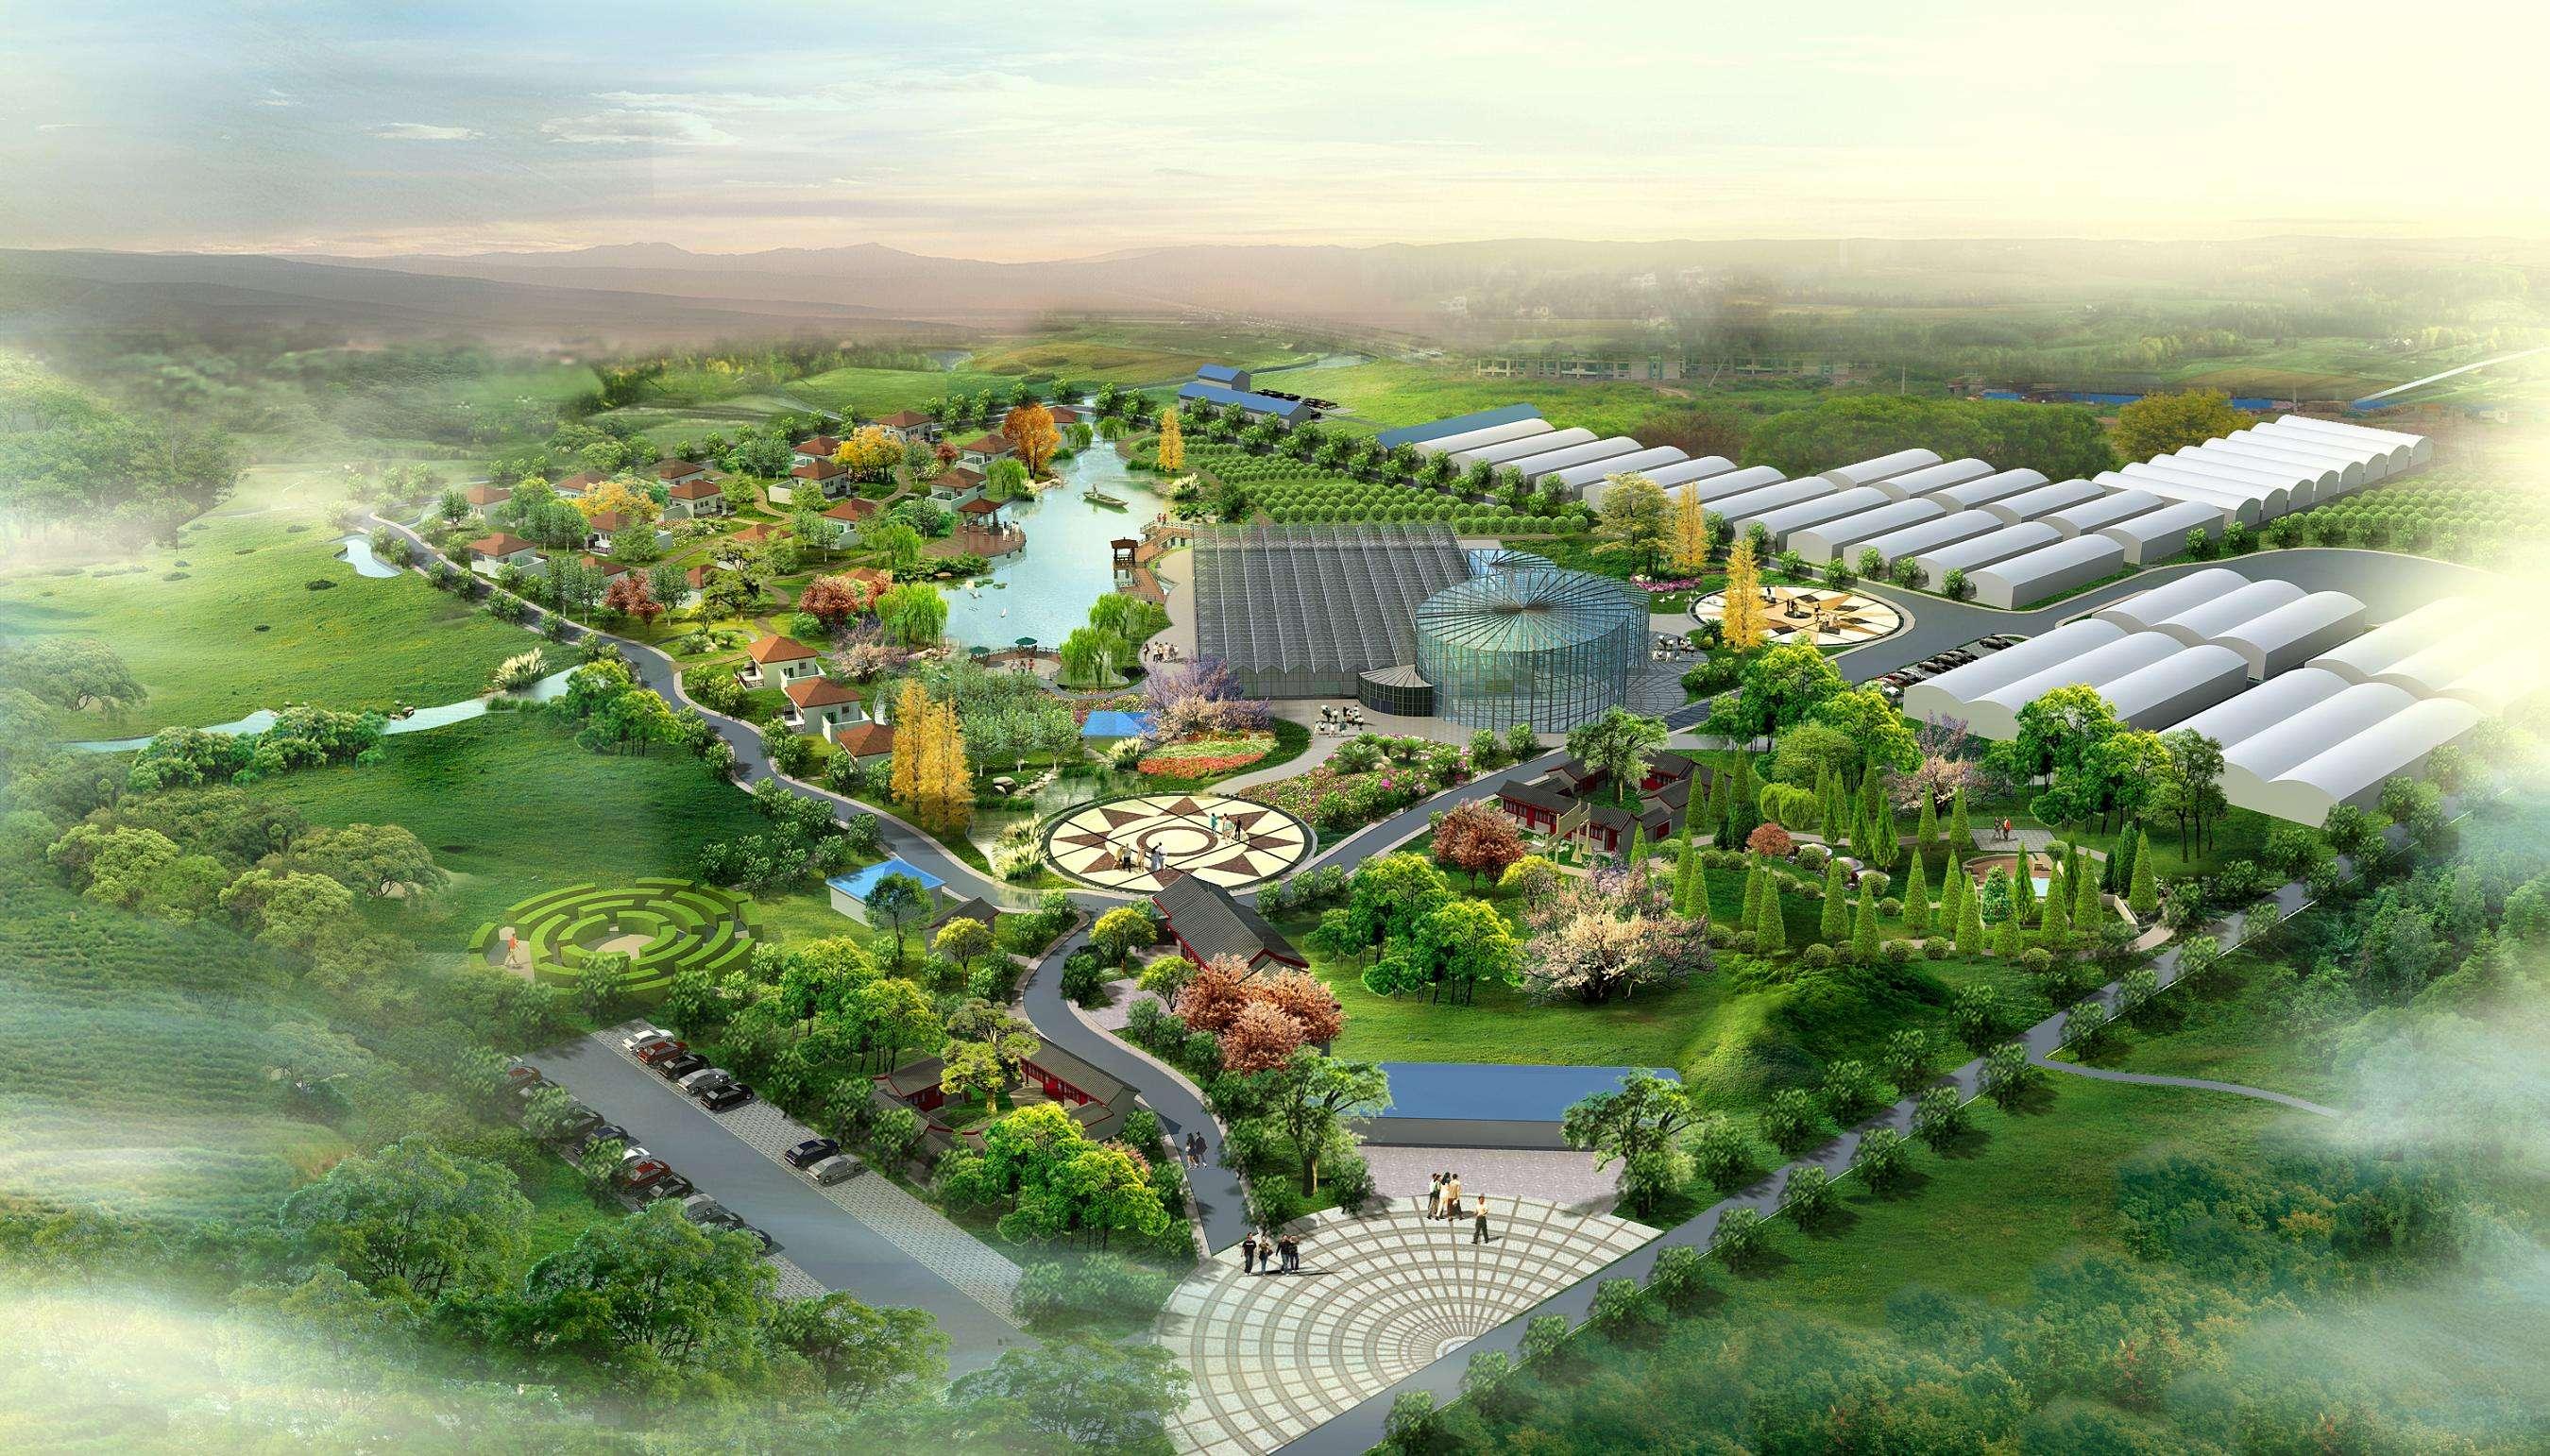 江苏省南京白马高新技术产业开发区